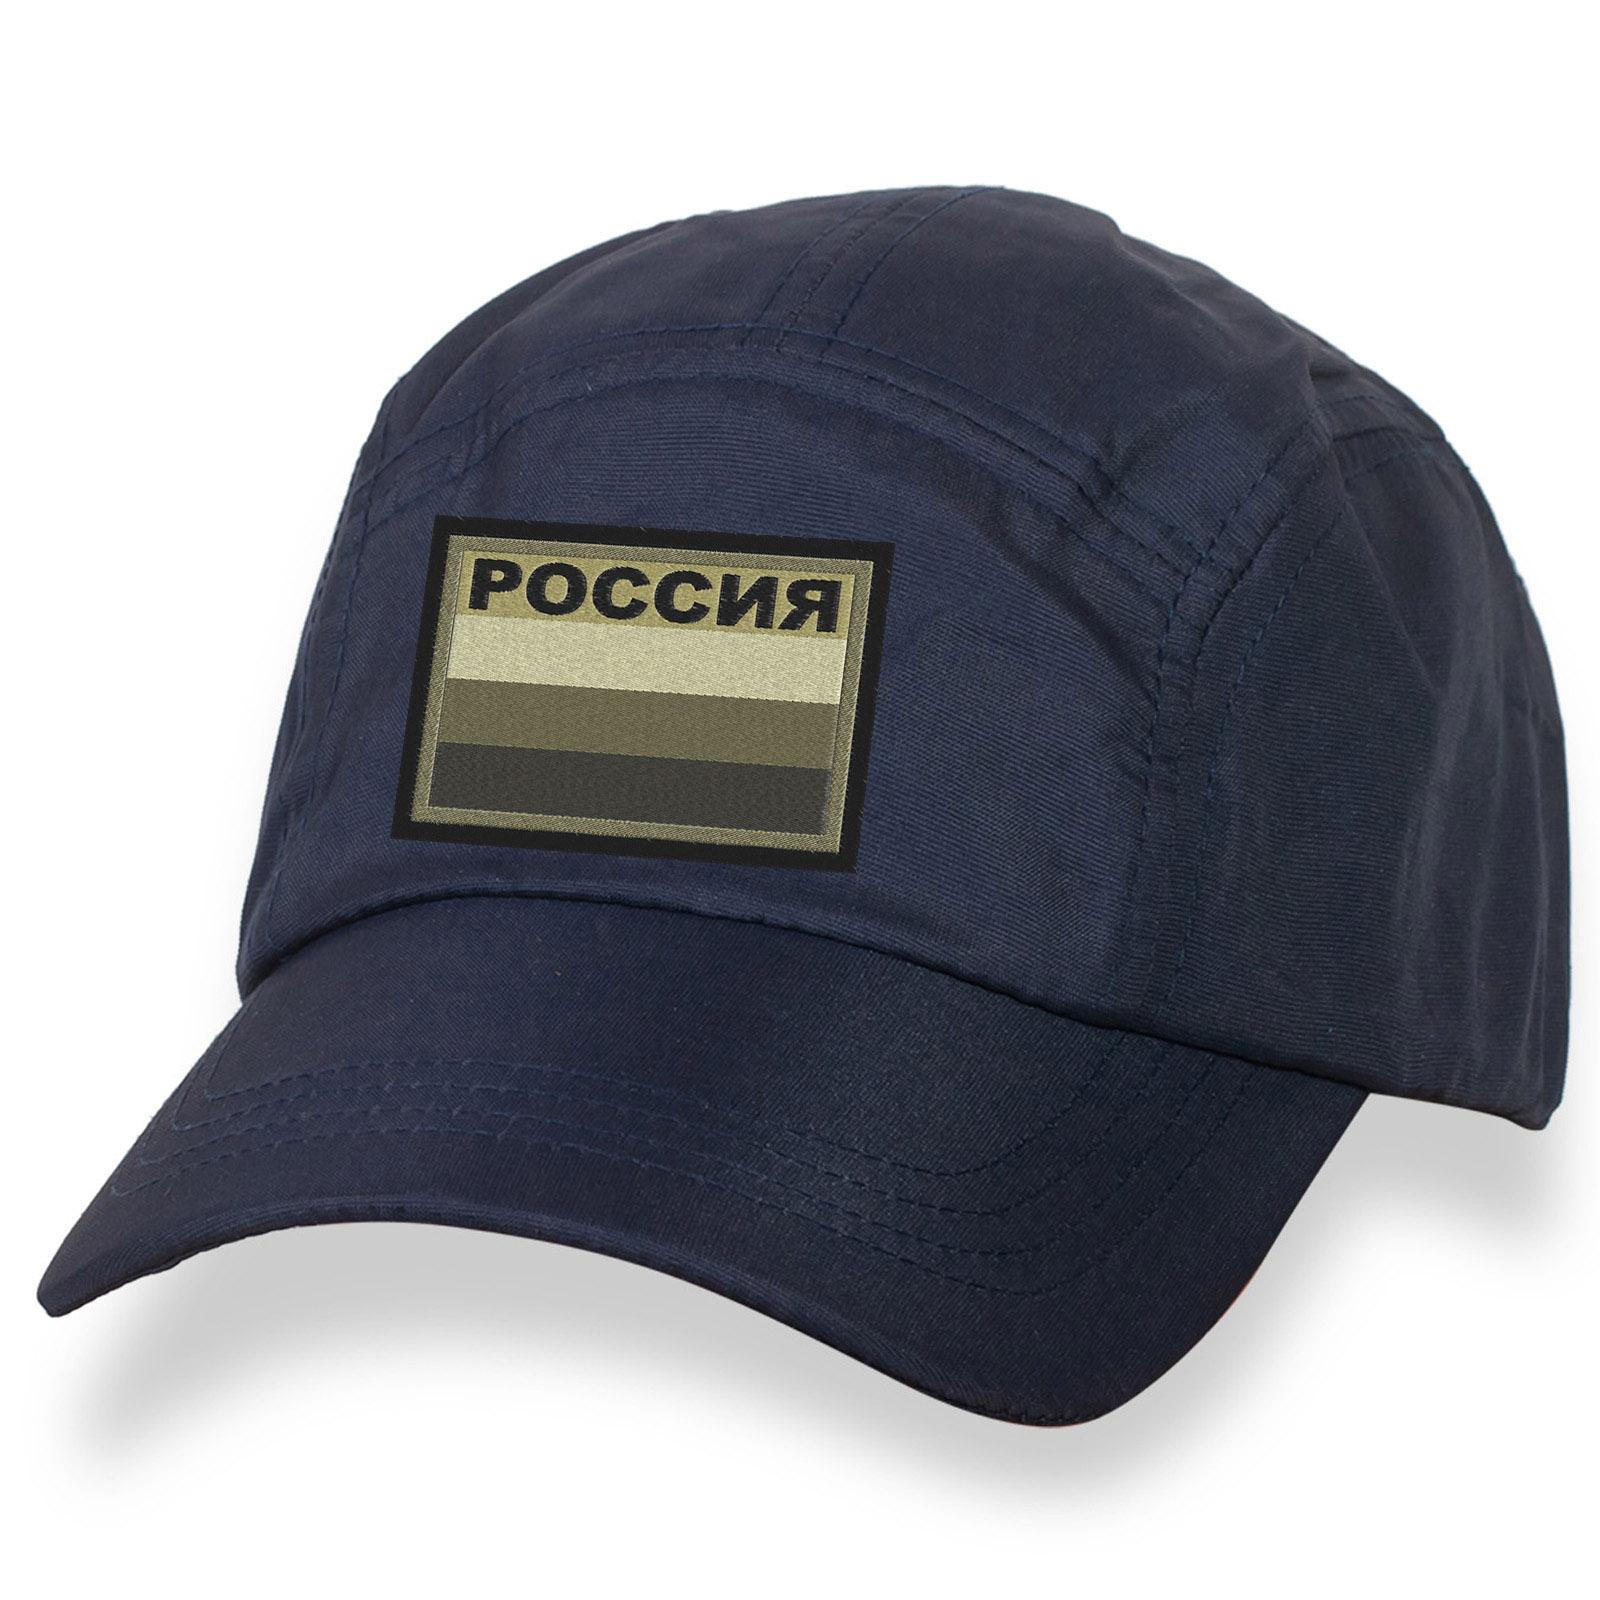 Милитари бейсболка с полевым шевроном Россия